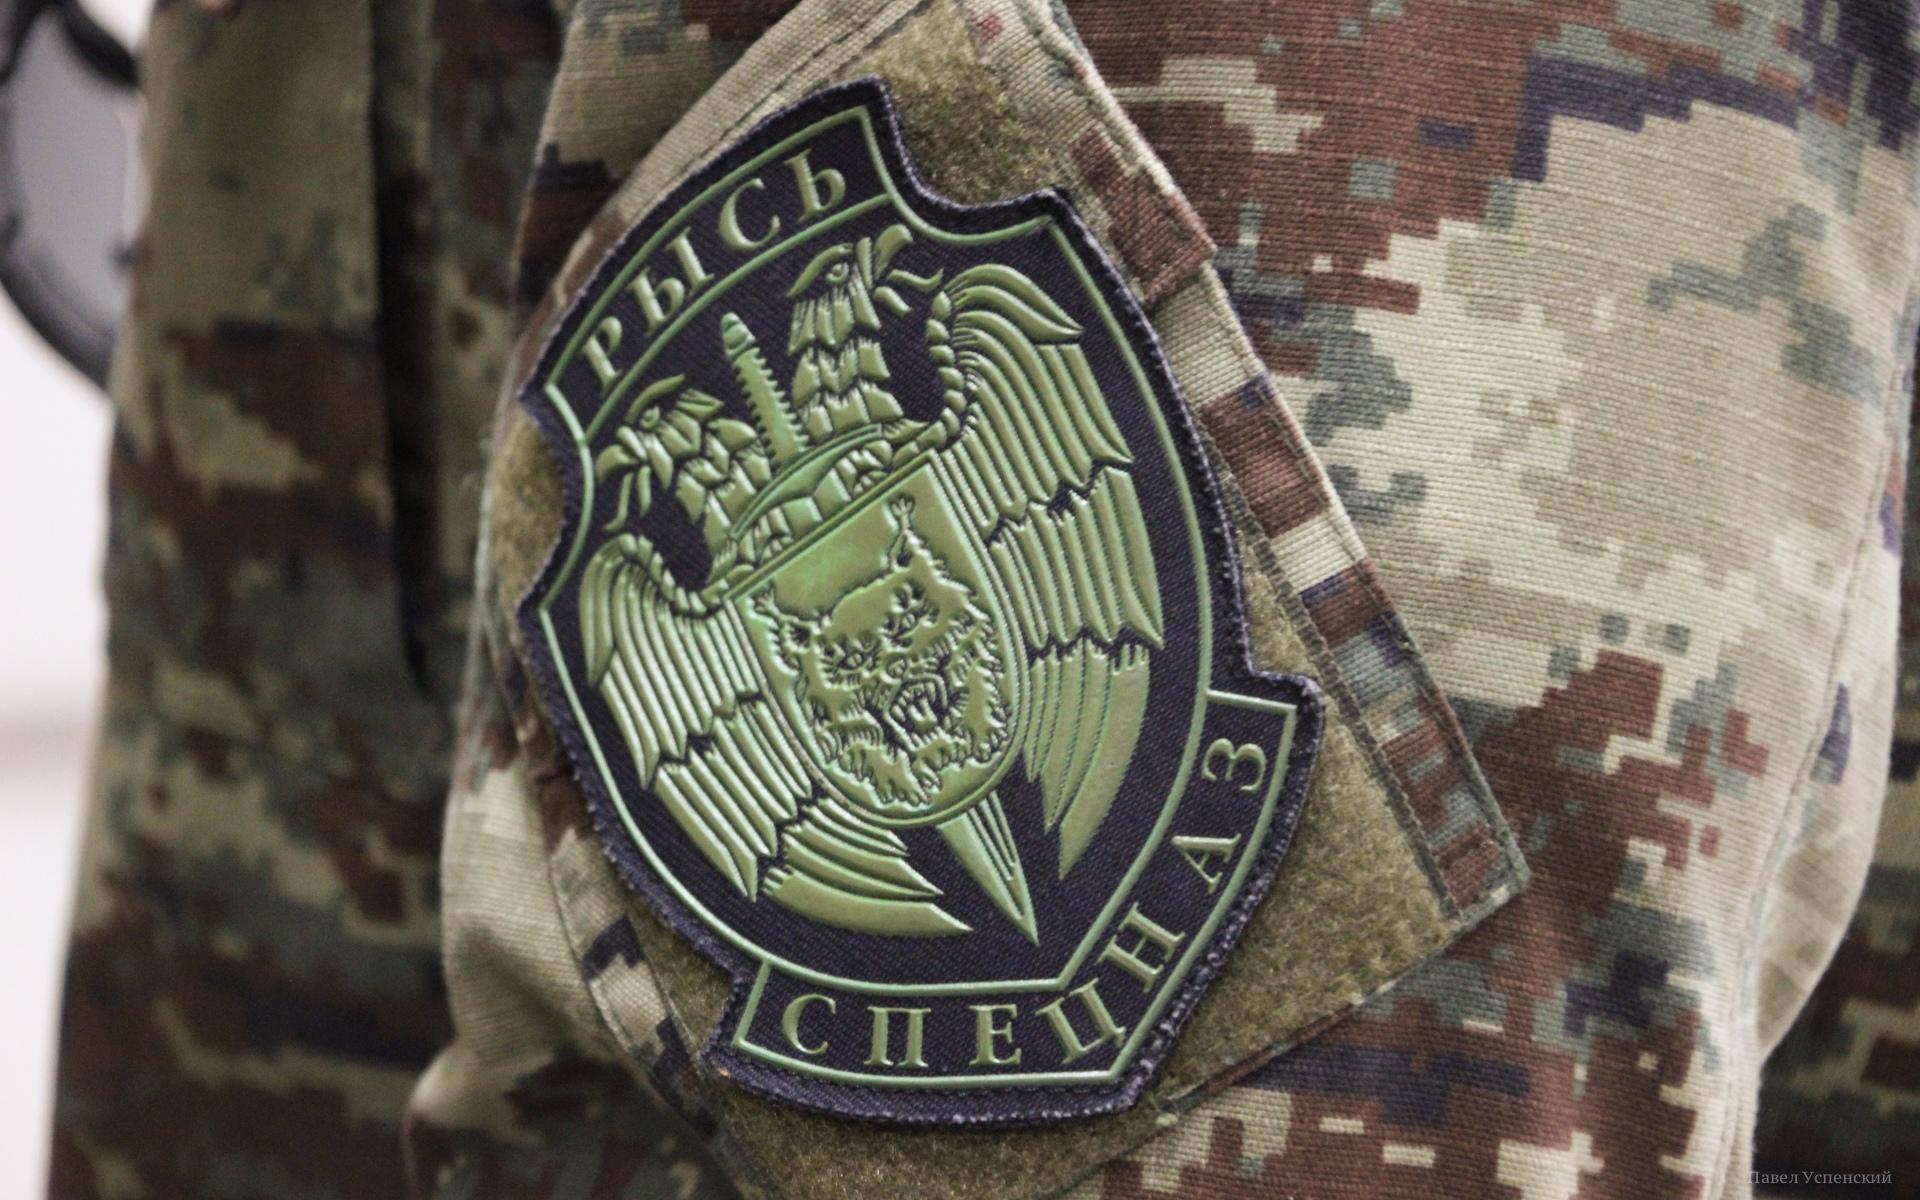 С помощью бойцов спецназа «Рысь» в Тверской области задержали 11 человек, находившихся в розыске - новости Афанасий